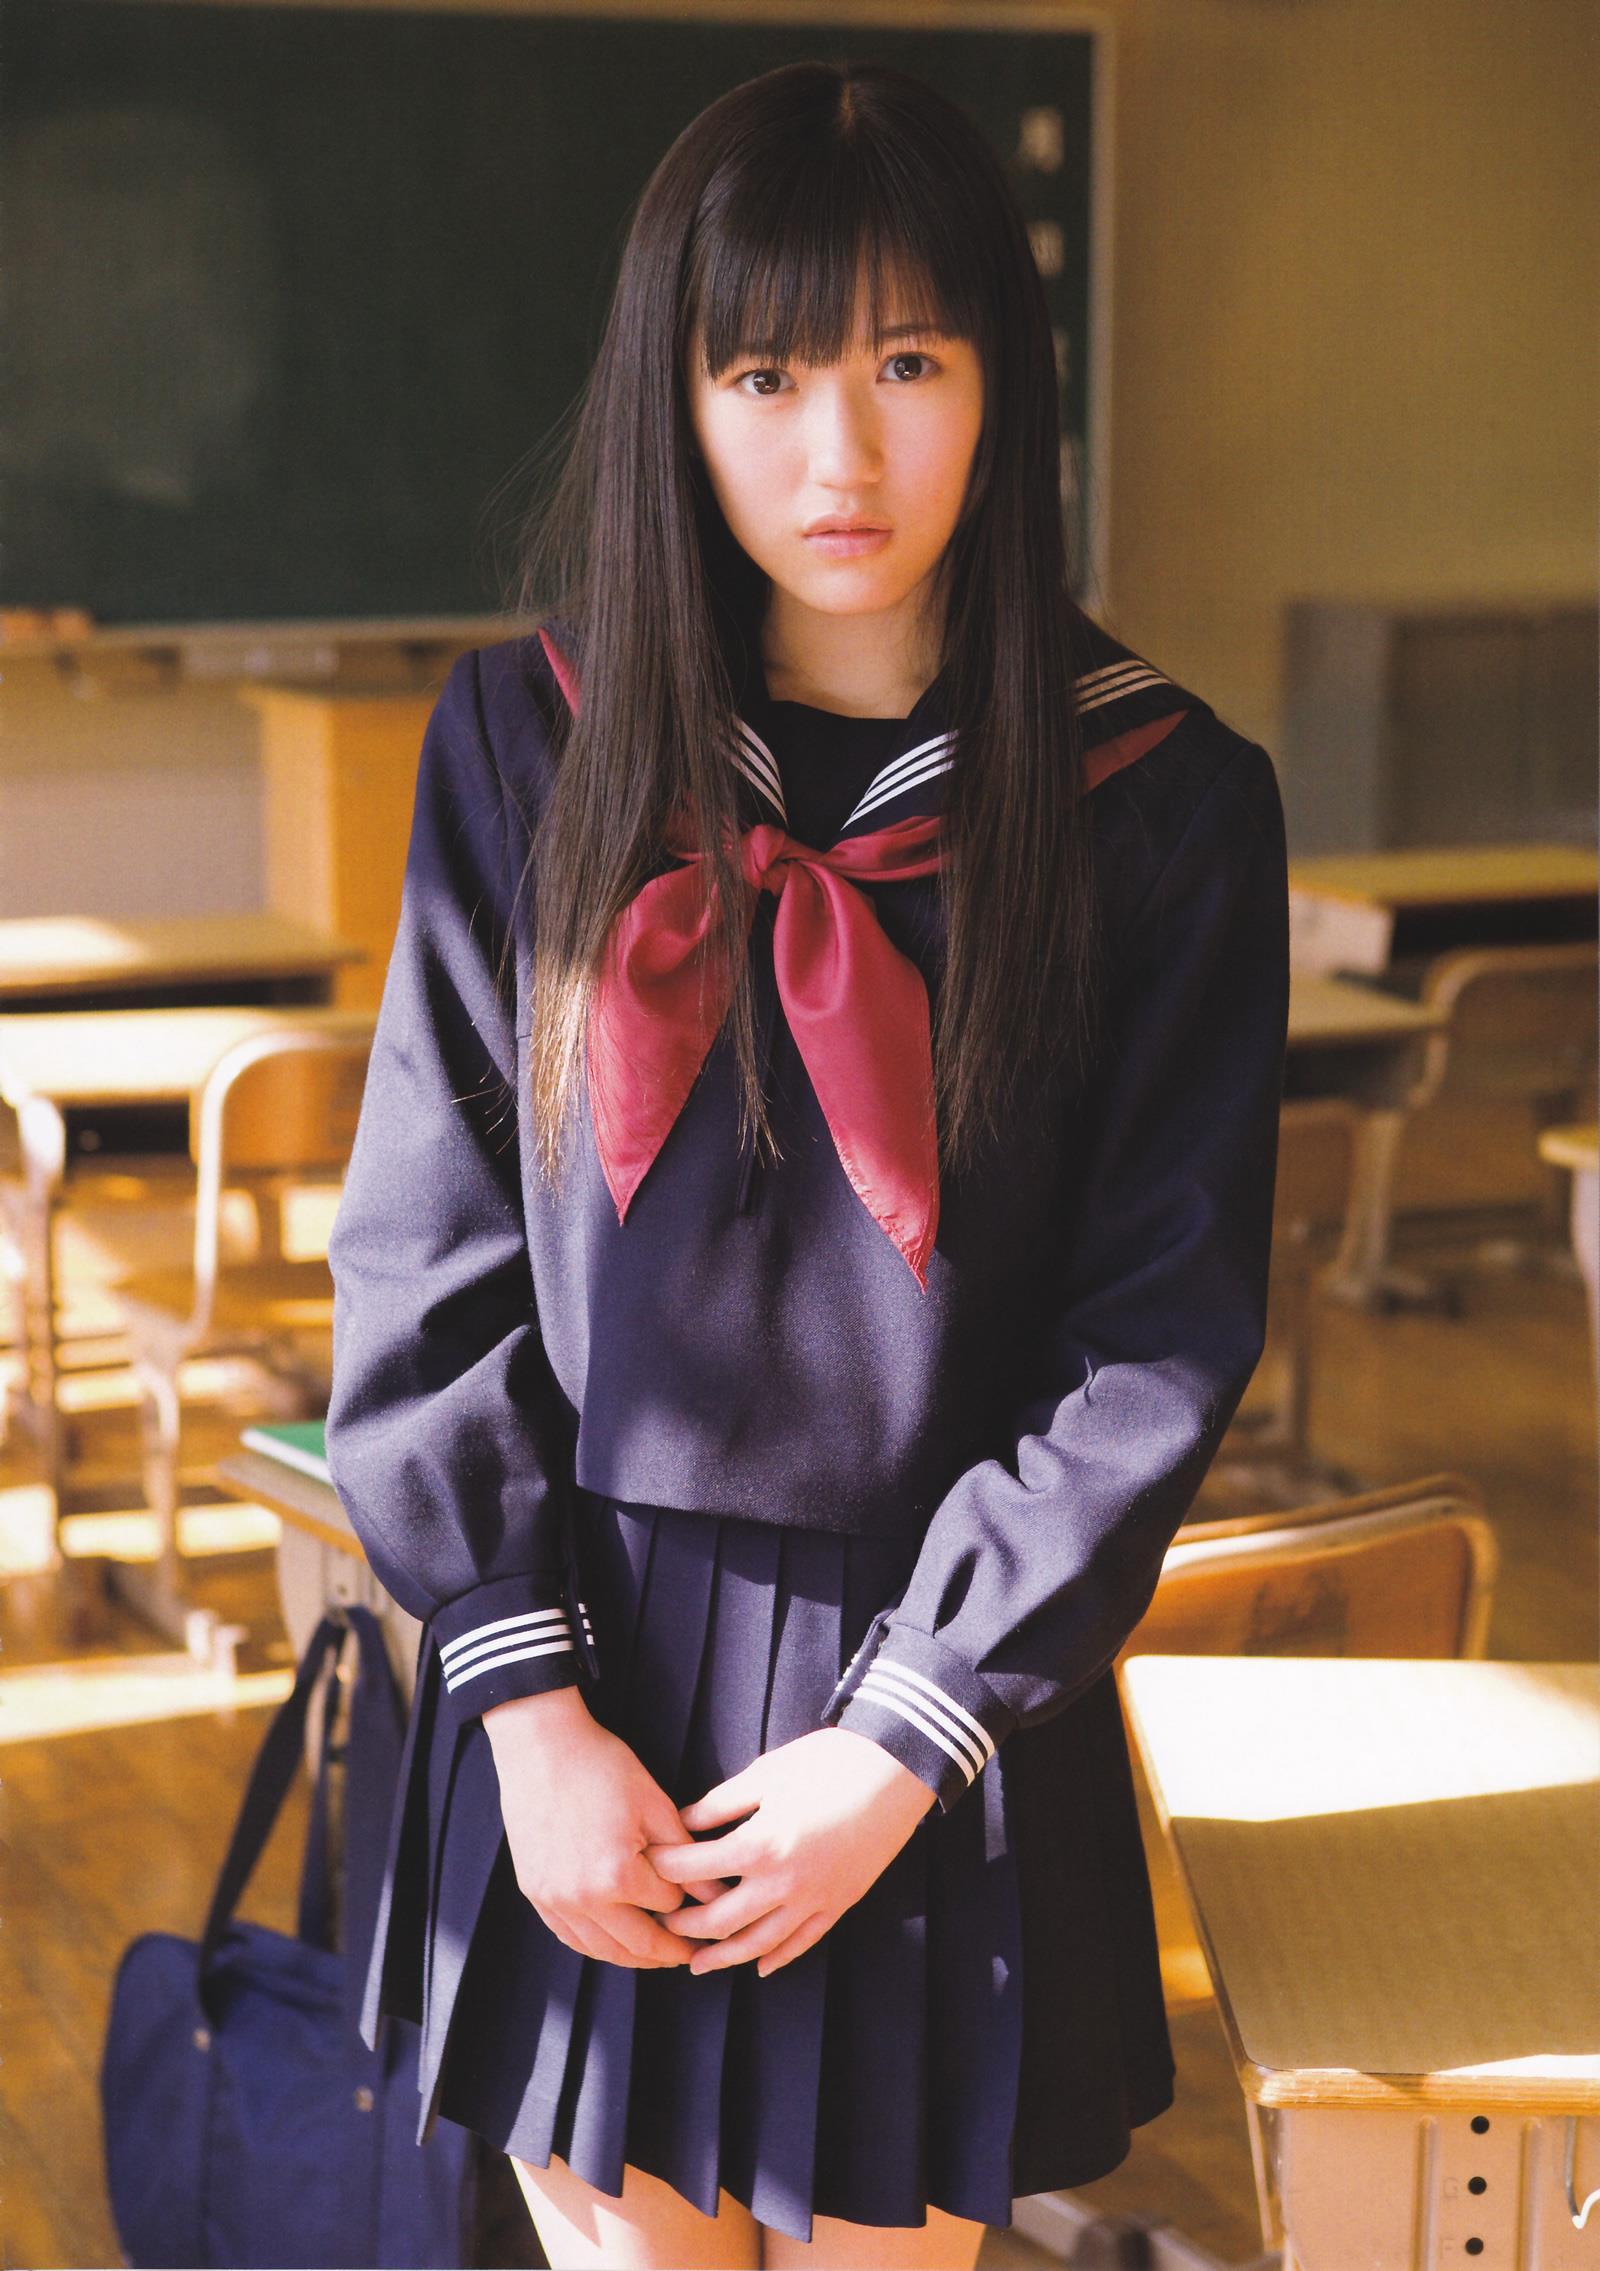 渡辺麻友 写真集「まゆゆ」 画像 6